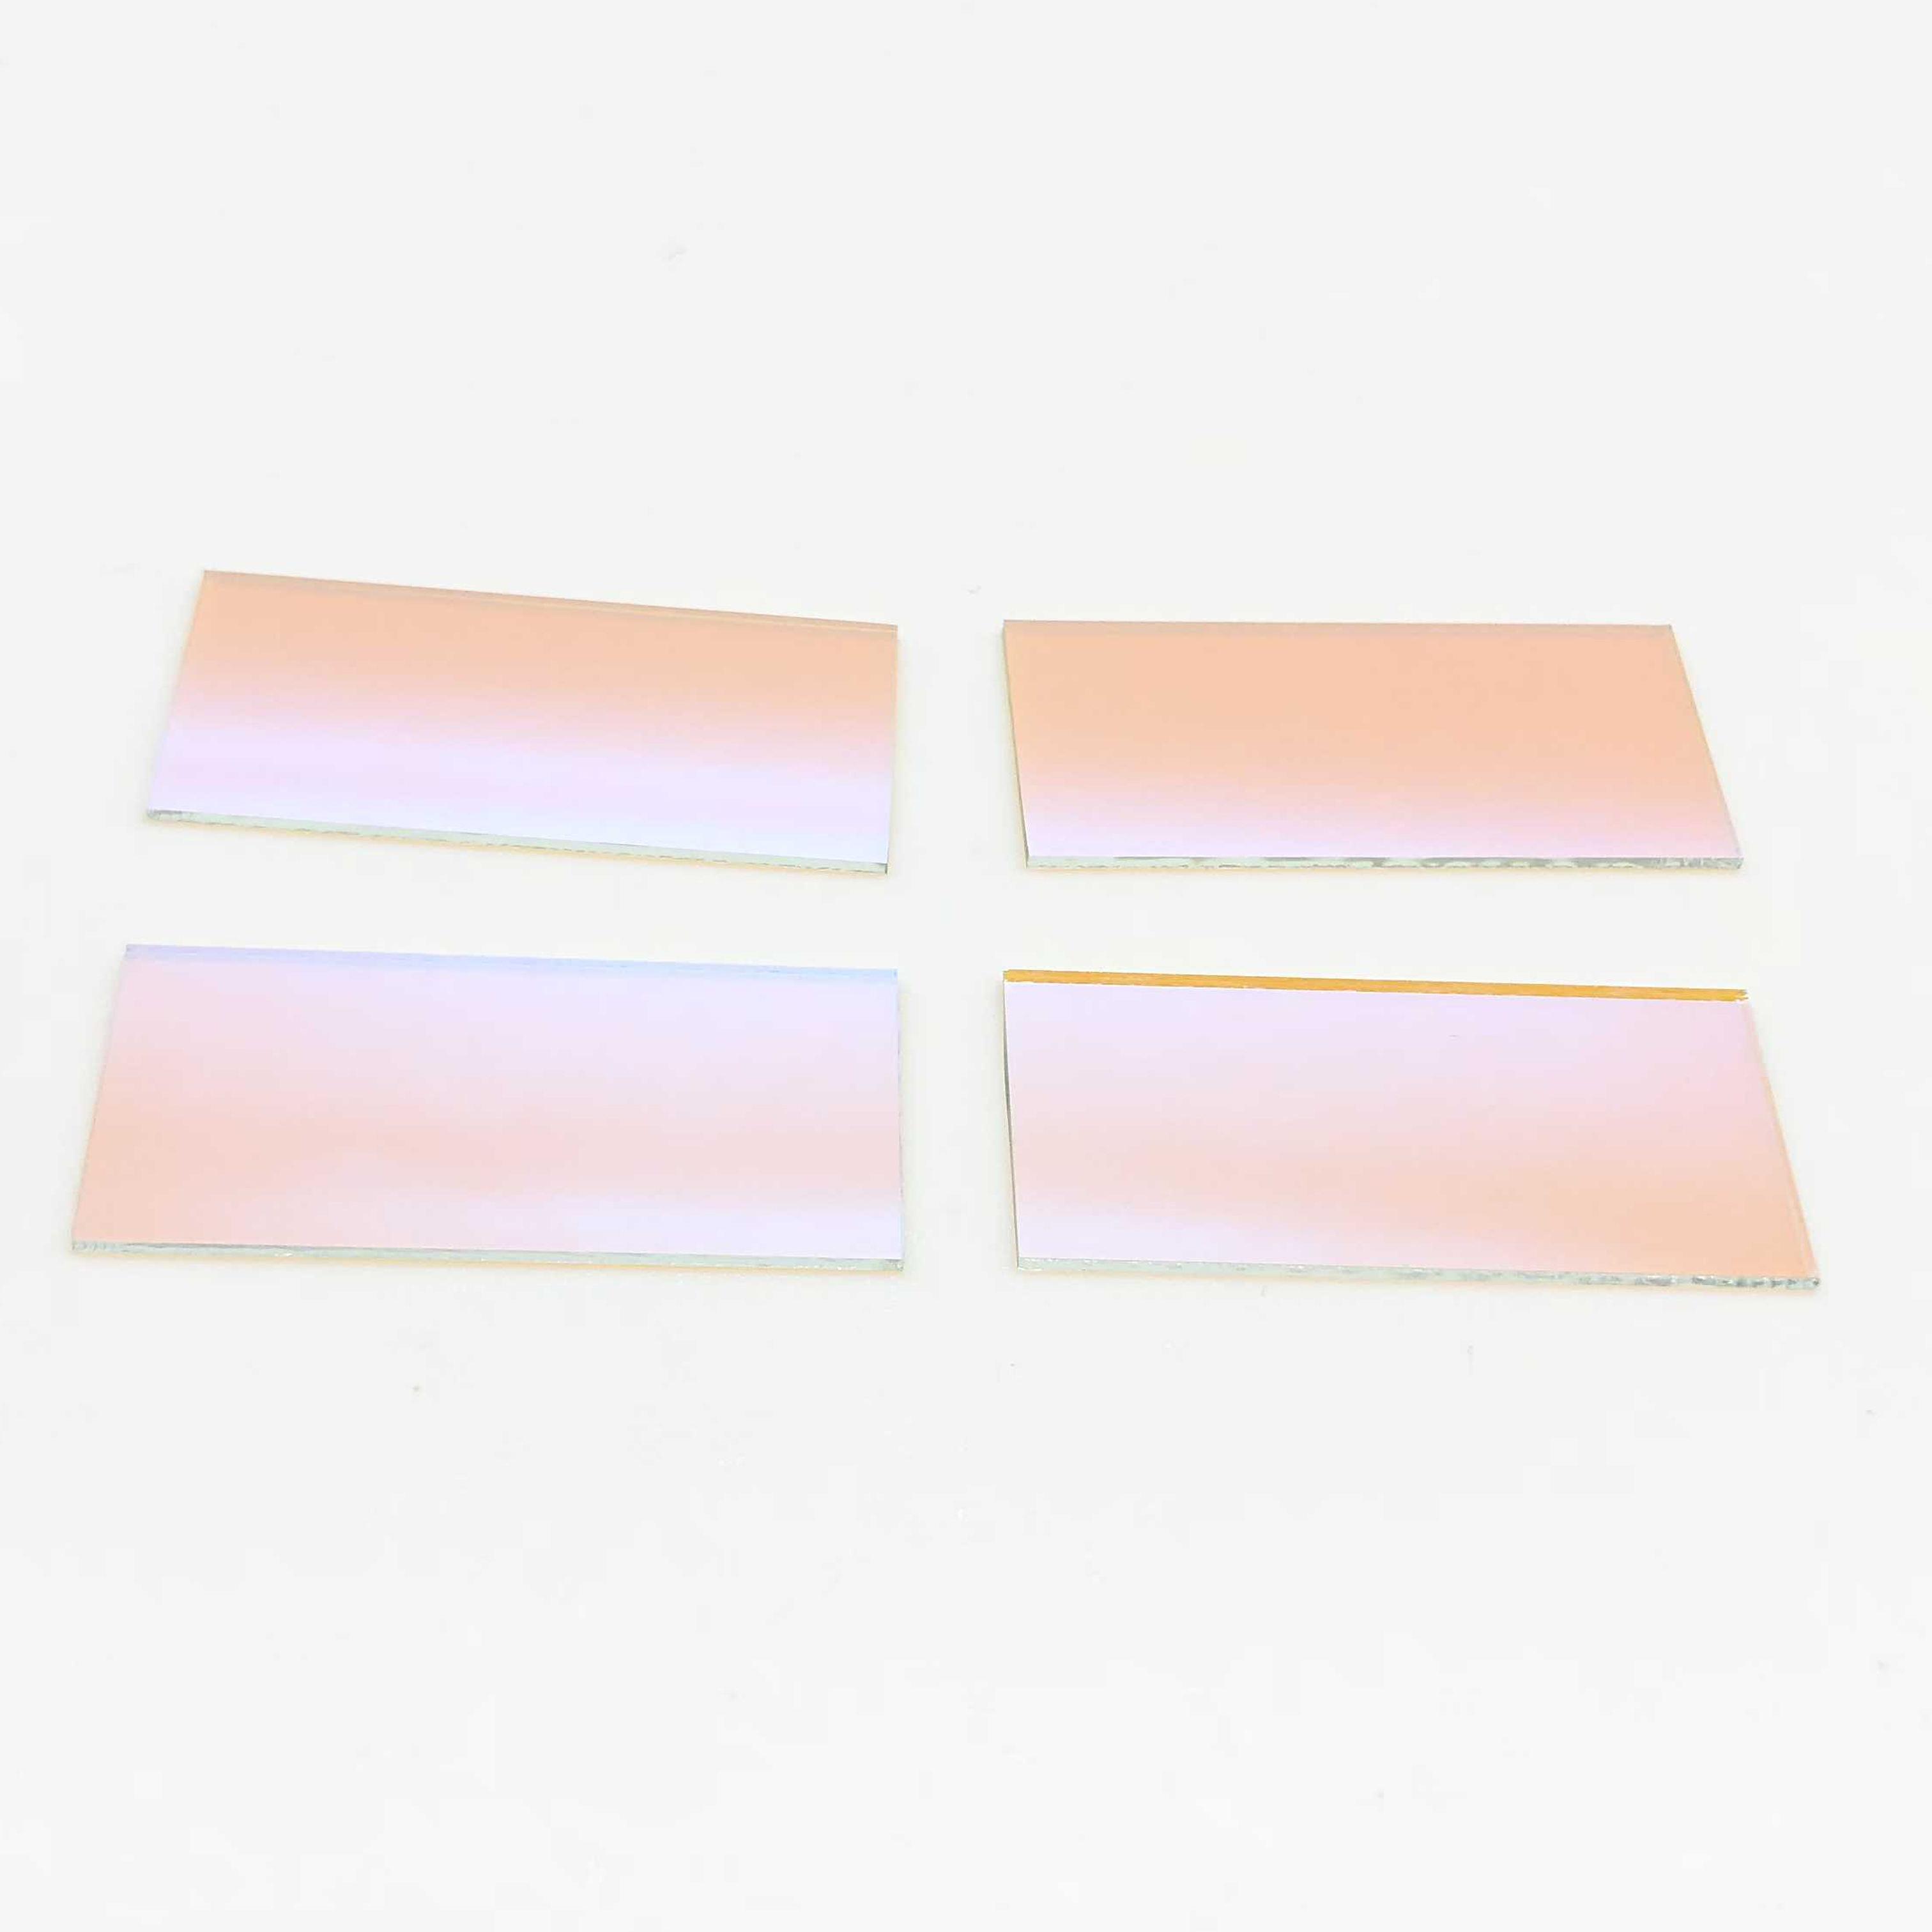 Di alta qualità di Vendita Calda ir 510nm cobalto a raggi infrarossi luce filtri rossi occhiali